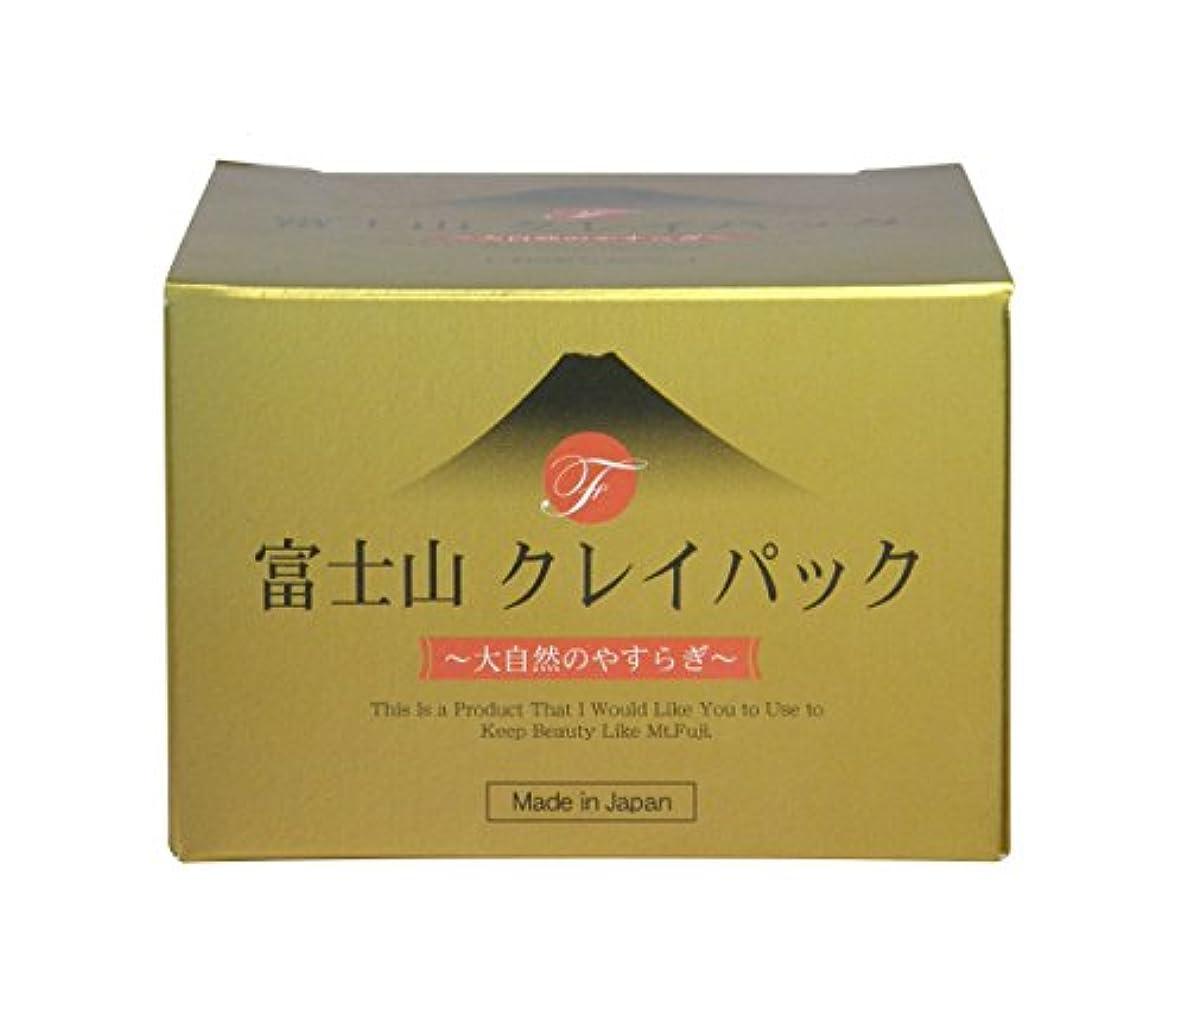 クーポン旅行代理店寓話富士山 クレイパック 130g